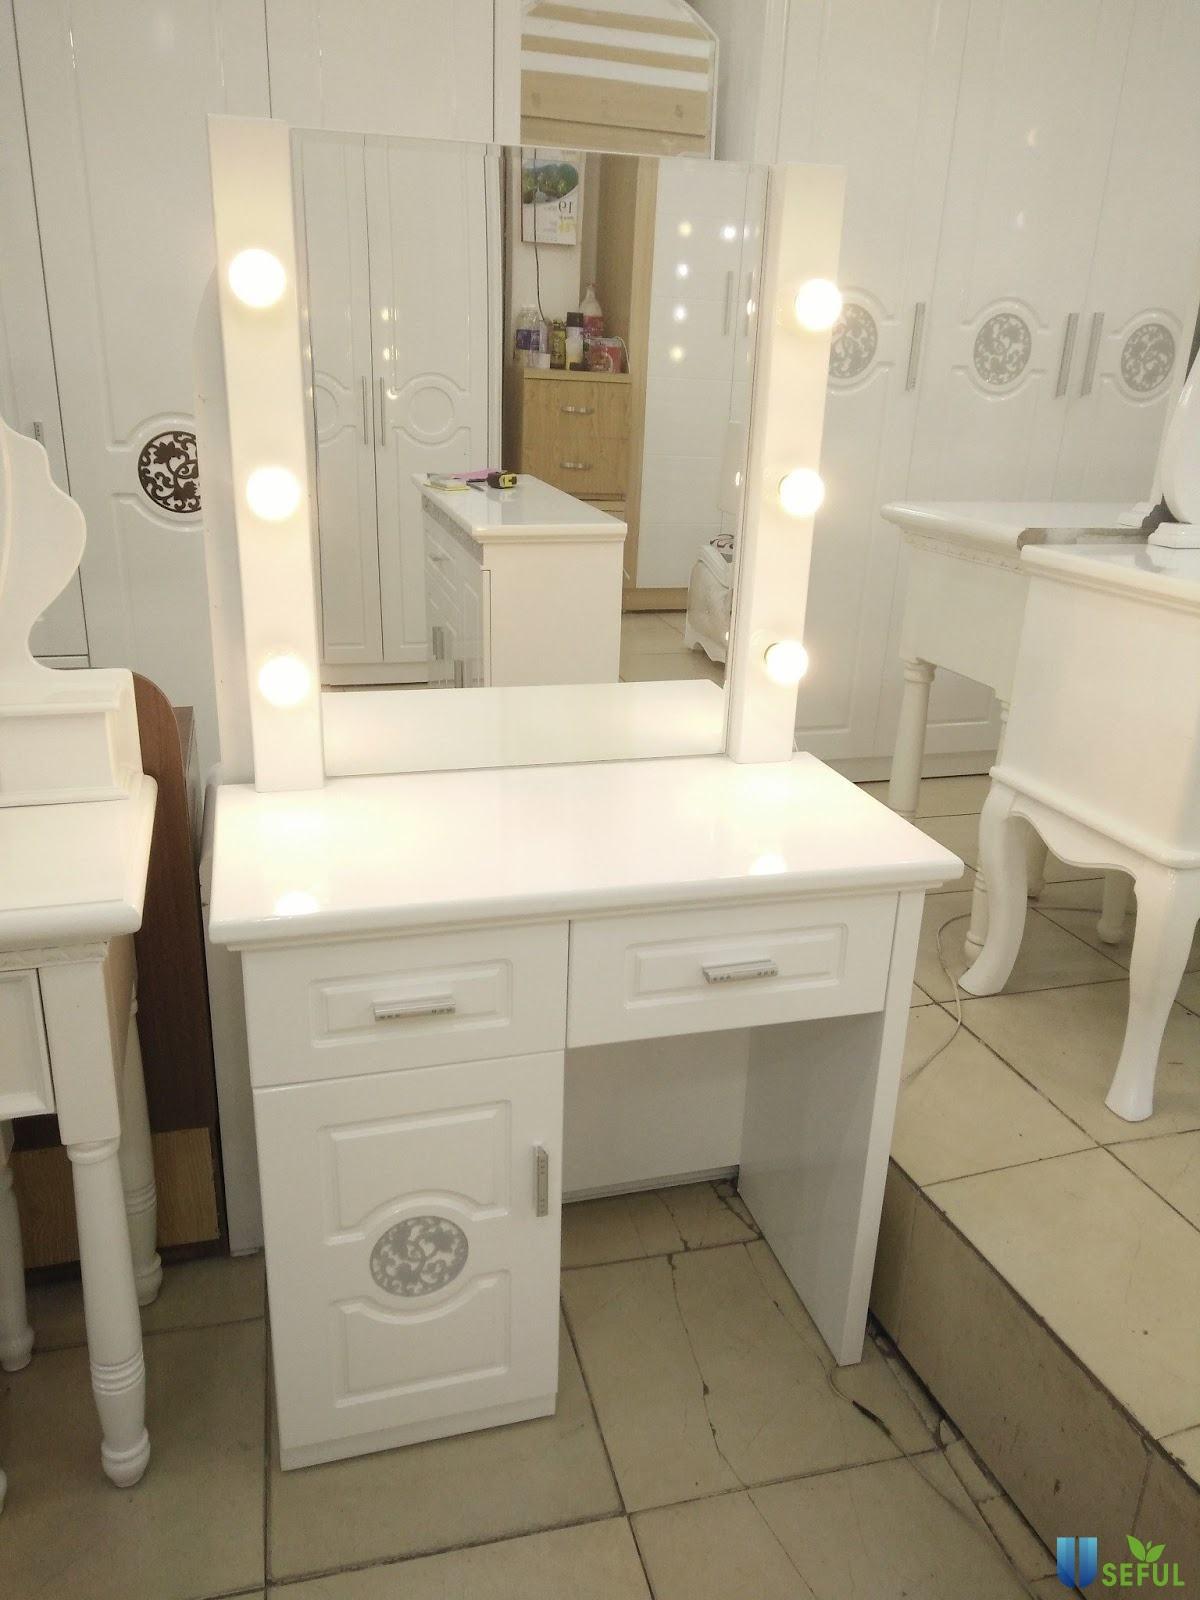 Bàn trang điểm 2 ngăn - 1 tủ có đèn khá đơn giản nhưng rất độc đáo. Màu trắng tạo sự nhẹ nhàng bắt mắt.